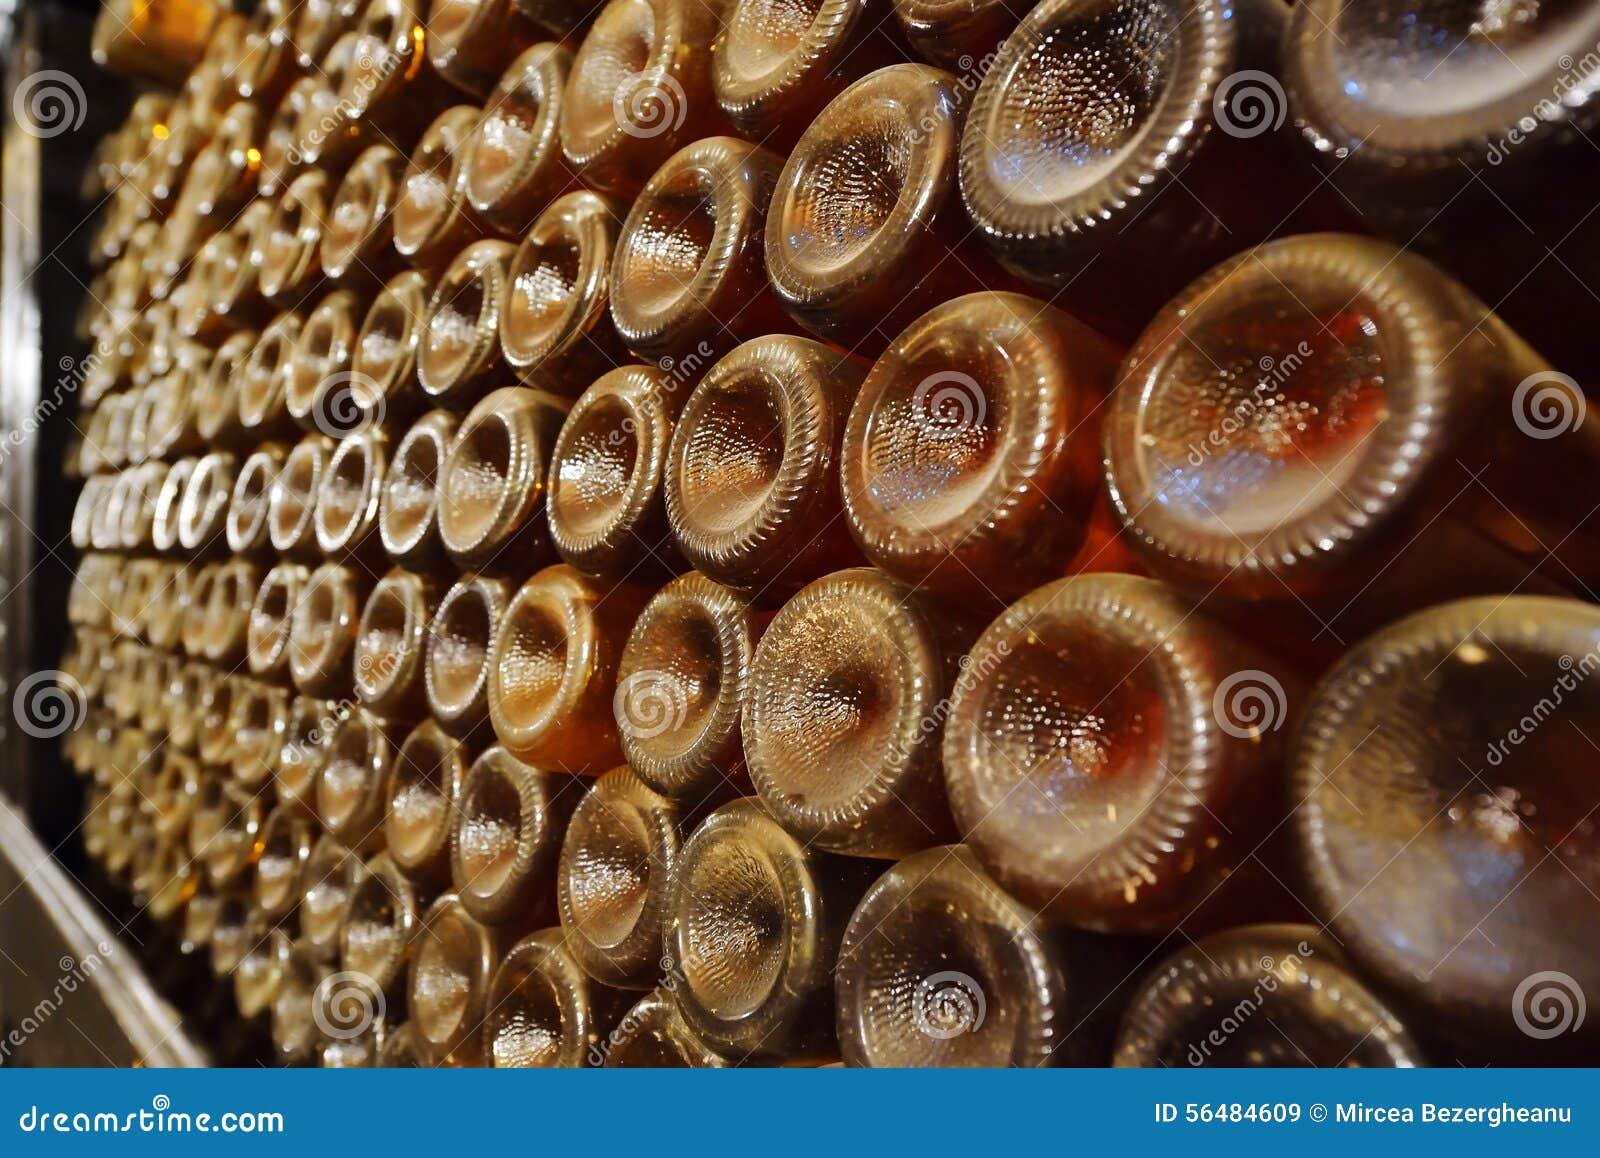 Empilé vers le haut des bouteilles de vin dans la cave